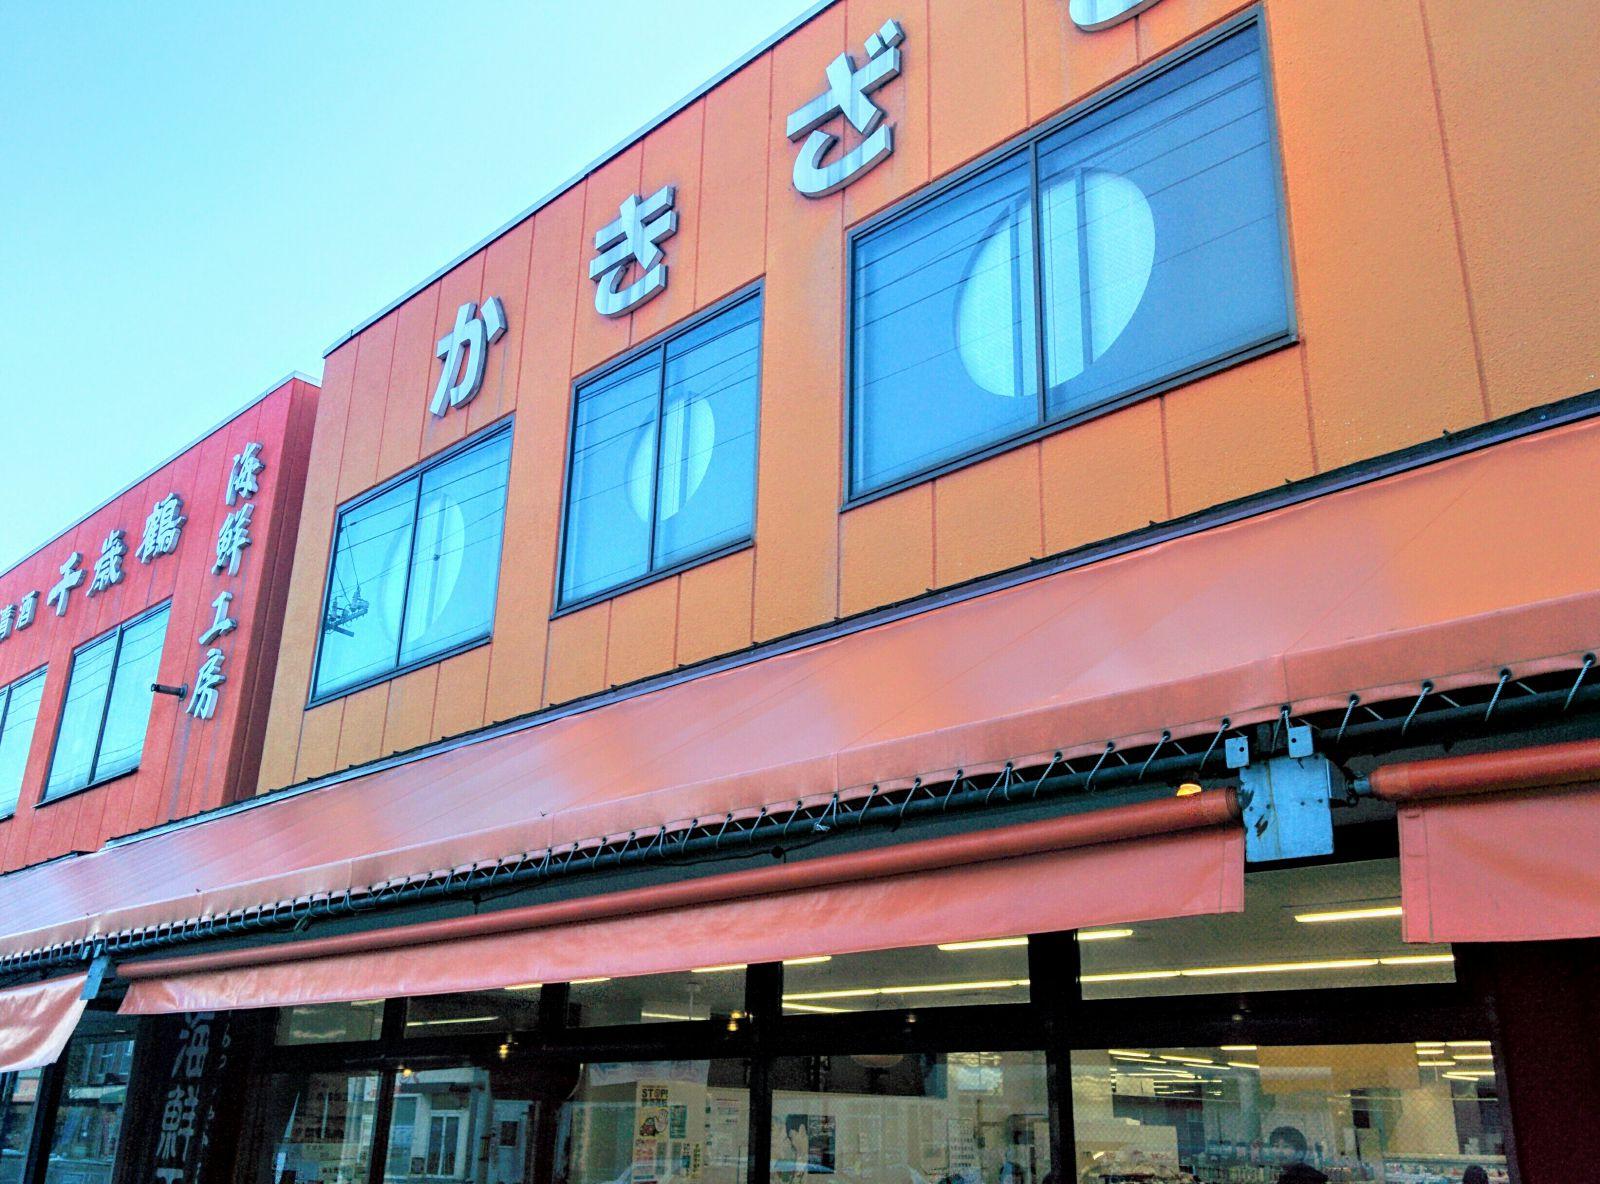 【余市】柿崎商店でショッピング